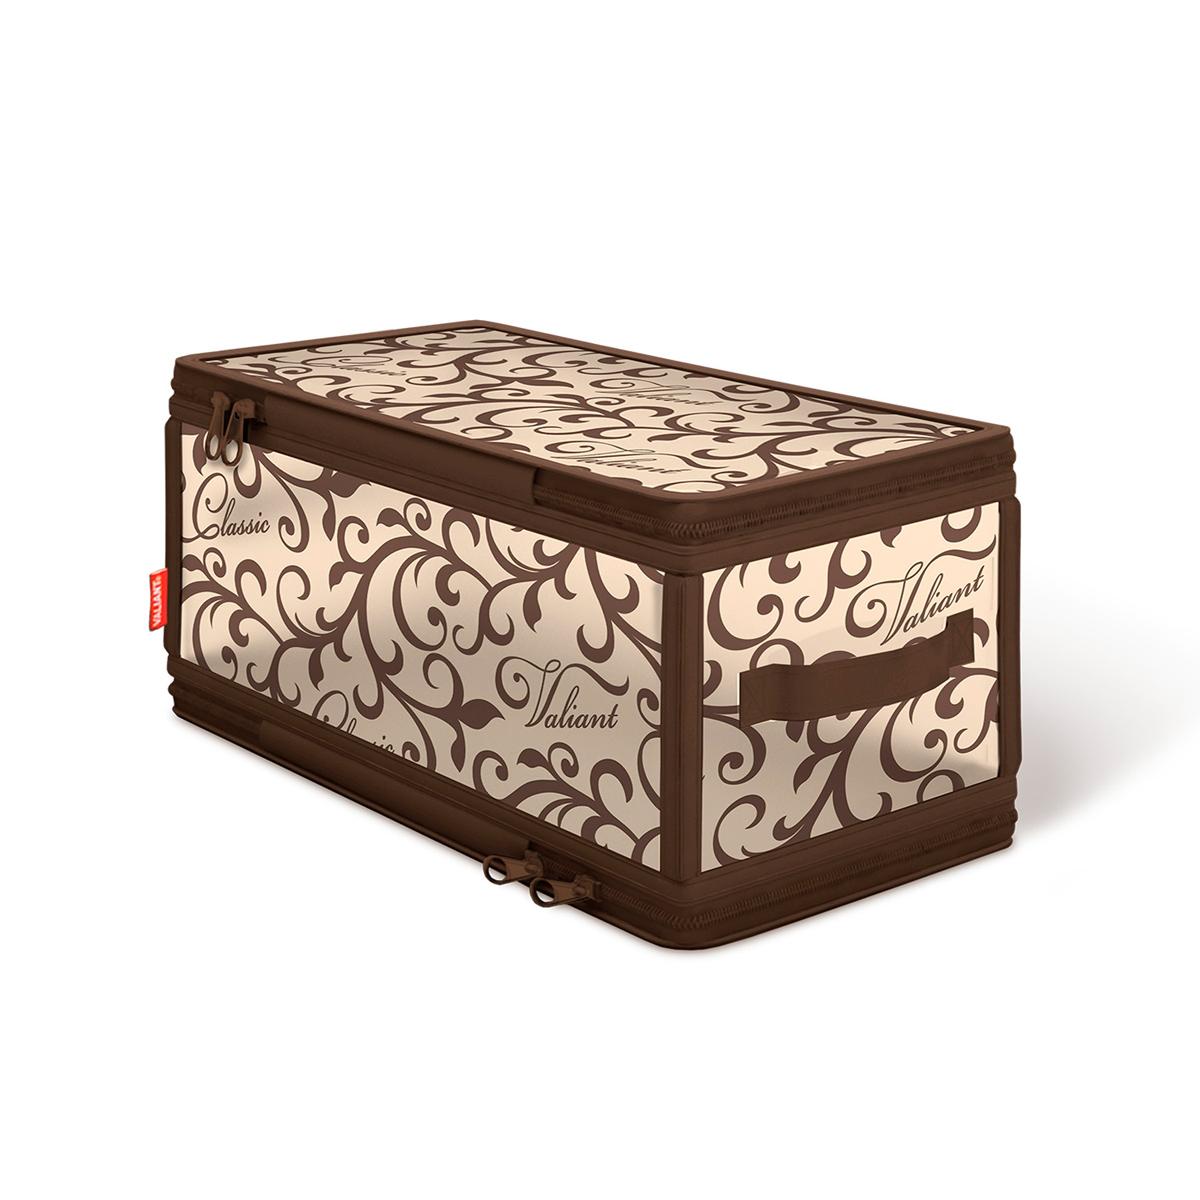 Кофр для хранения Valiant Classic, с застежкой-молнией, 30 см х 15 см х 15 смCL-ZIP-SКофр для хранения Valiant Classic изготовлен из высококачественного полимерного материала и спанбонда. Кофр удобен в использовании: чтобы его сложить, достаточно застегнуть молнию. В сложенном виде занимает минимум места. В таком кофре удобно хранить белье и мелкие аксессуары. Сбоку имеется ручка. Изысканный дизайн Classic Collection придется по вкусу ценителям классического стиля, он гармонично вписывается в современный классический гардероб. Системы хранения в едином дизайне сделают вашу гардеробную красивой и невероятно стильной.